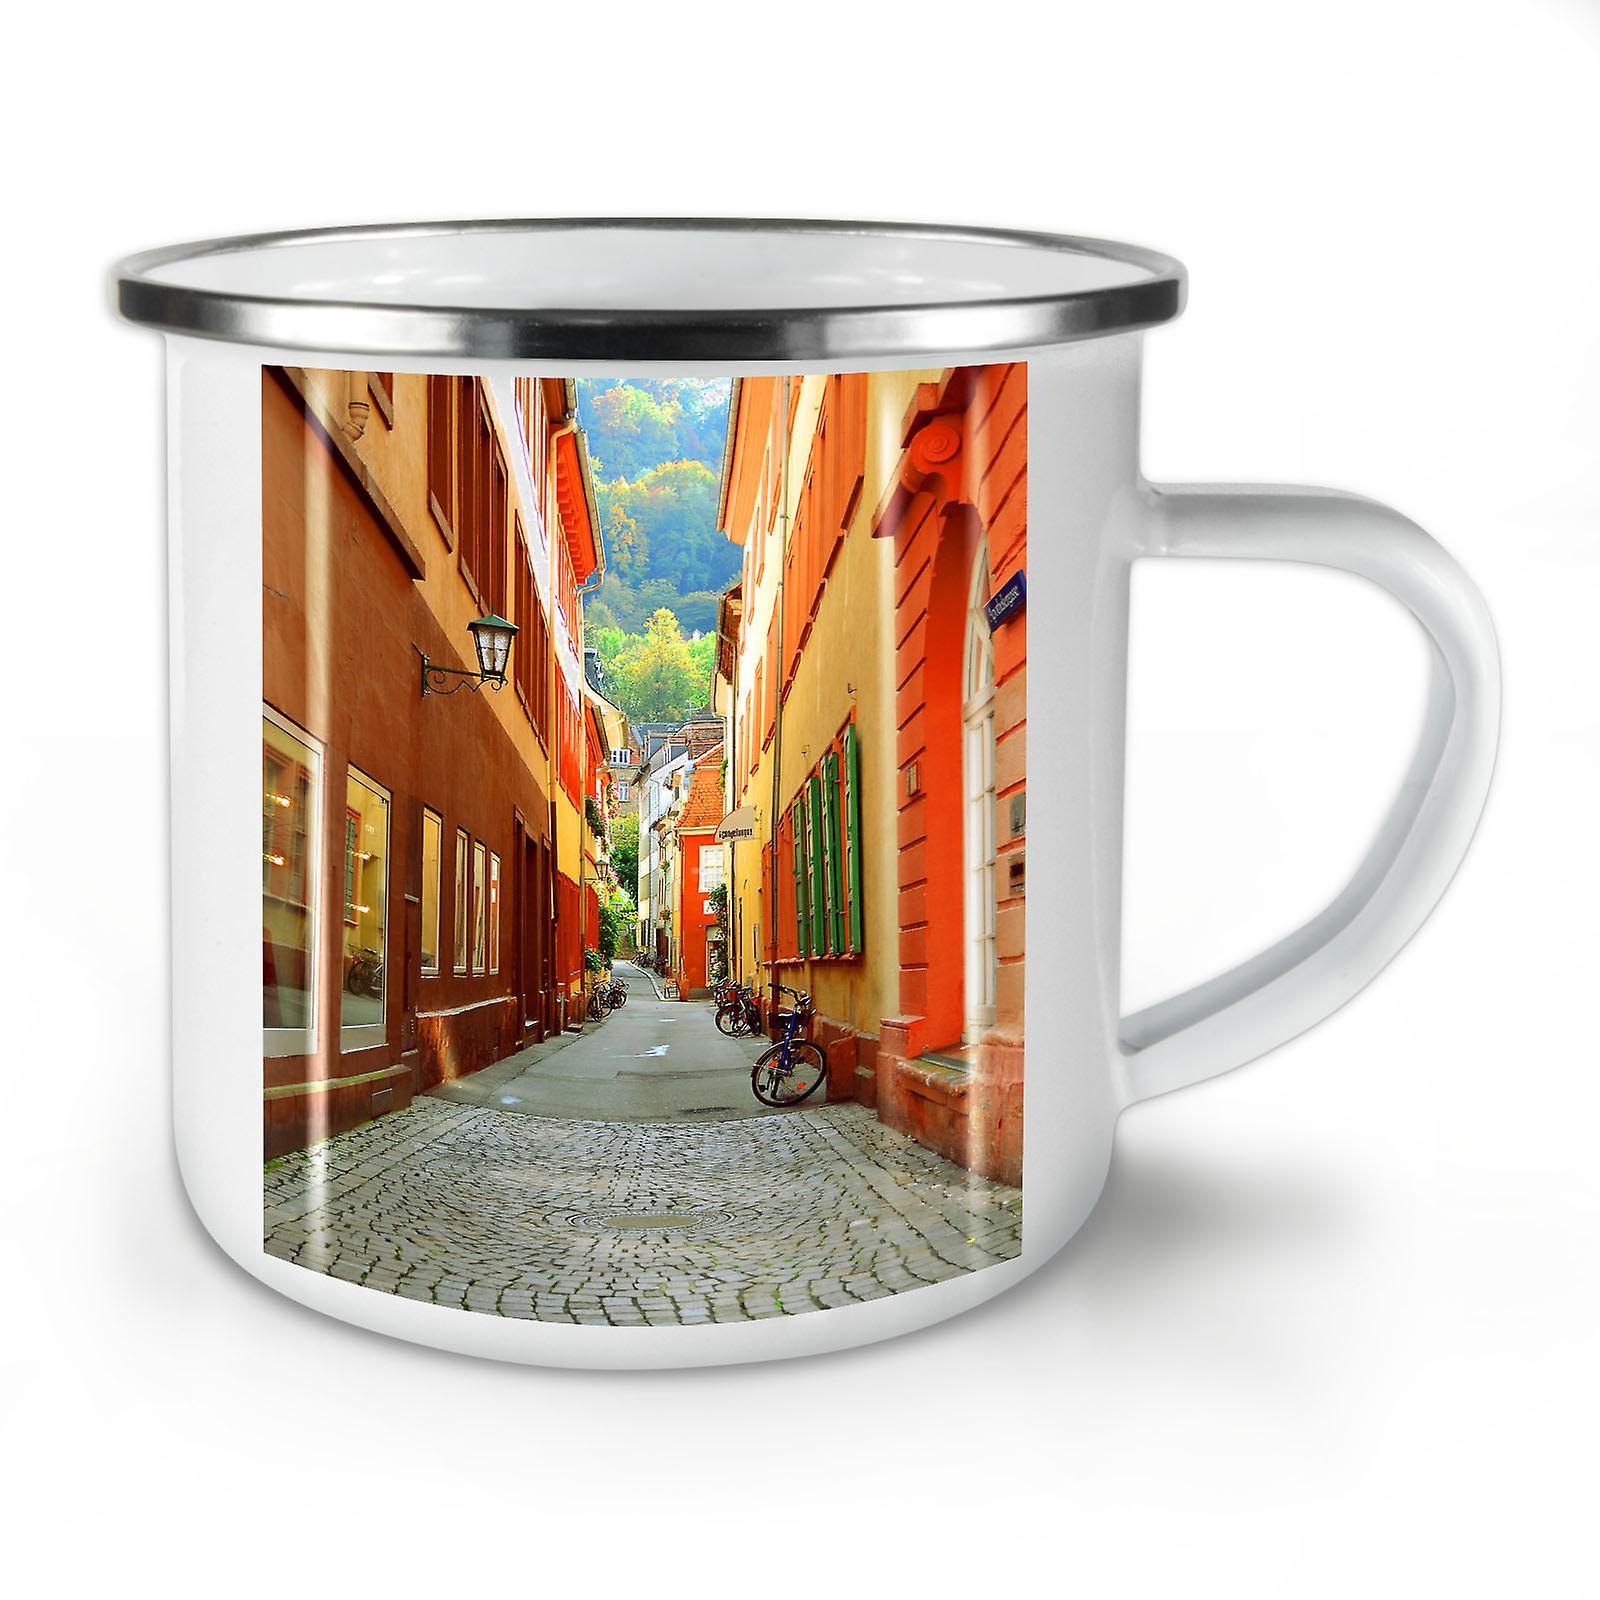 Mug10 OzWellcoda Le Petit De Nouveau Café Rue Cool Whitetea Émail hCdtQxsrB